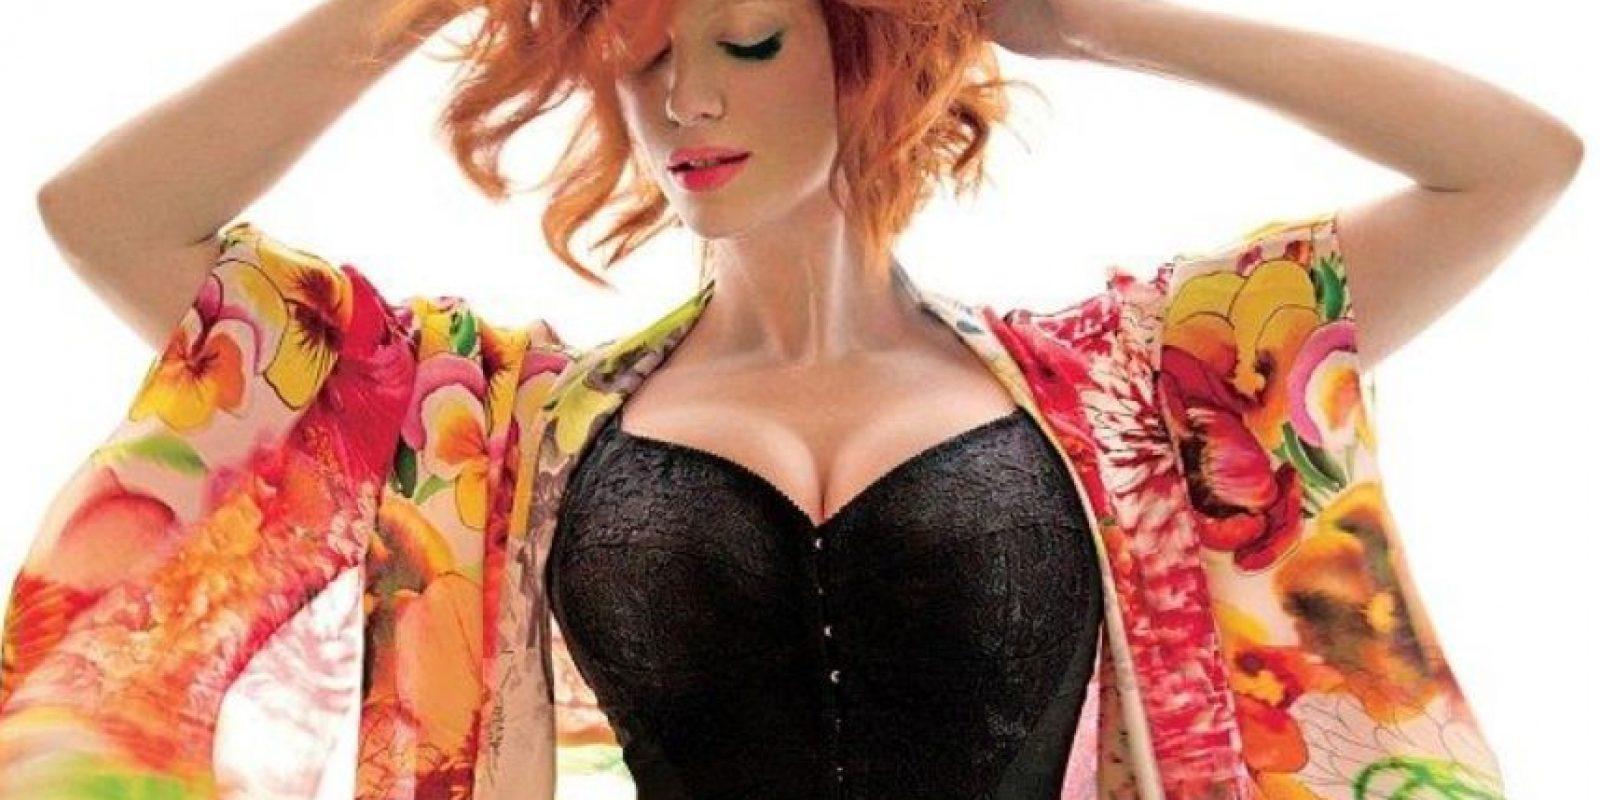 """1. La percepción es general: En 2011, una encuesta hecha a usuarios de sitios como Matchmaker y Date.com reveló que los hombres hallaban más """"calientes"""" a las mujeres con curvas. Un 85% de ellos lo hizo. Foto:Rhapsody Magazine"""